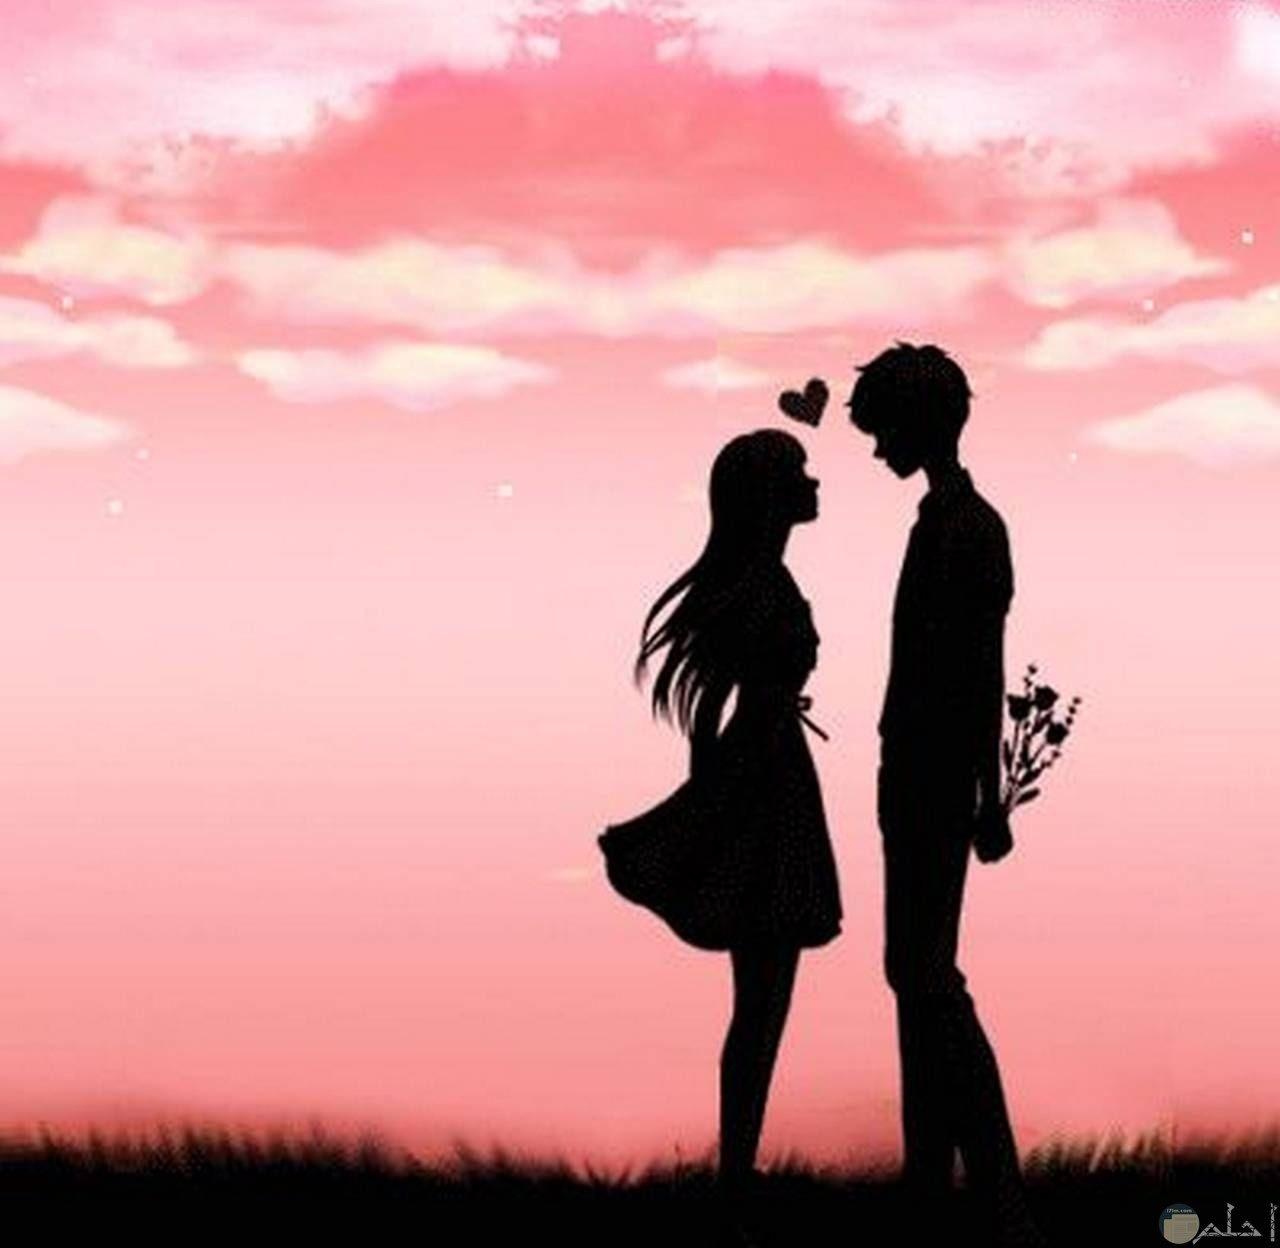 صور بنت و ولد Romantic Couple